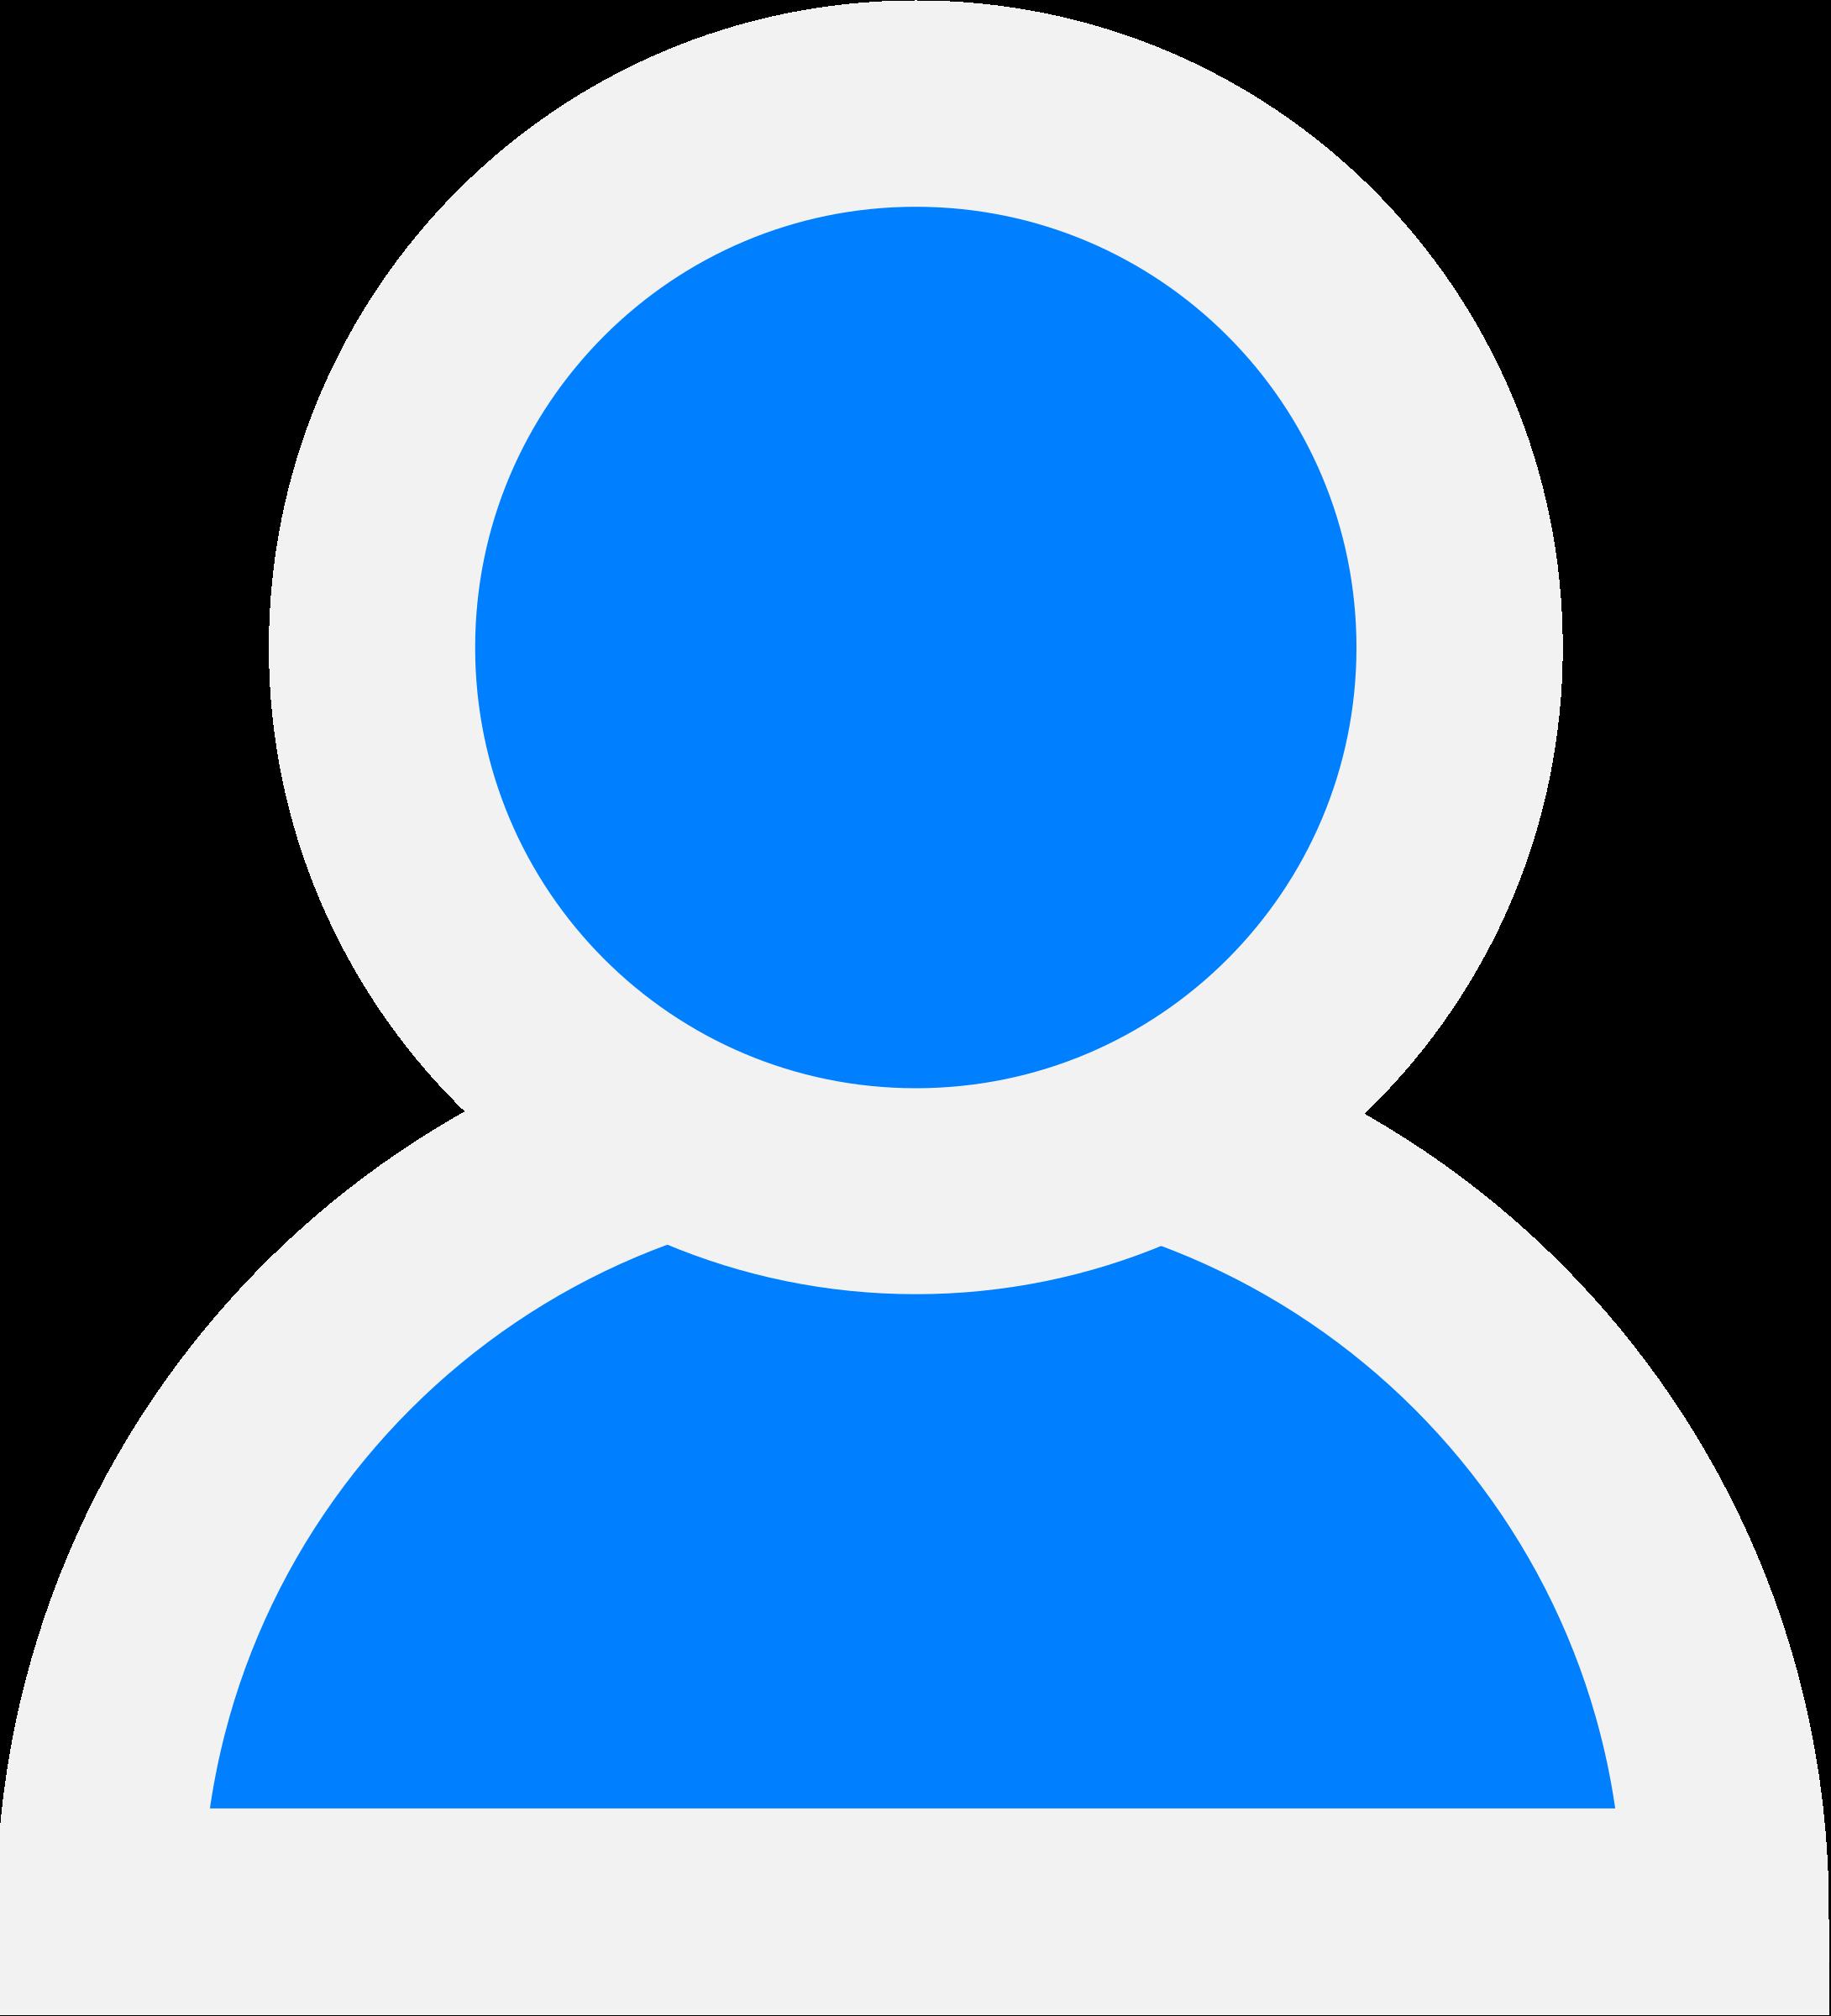 Big image png. D20 clipart avatar